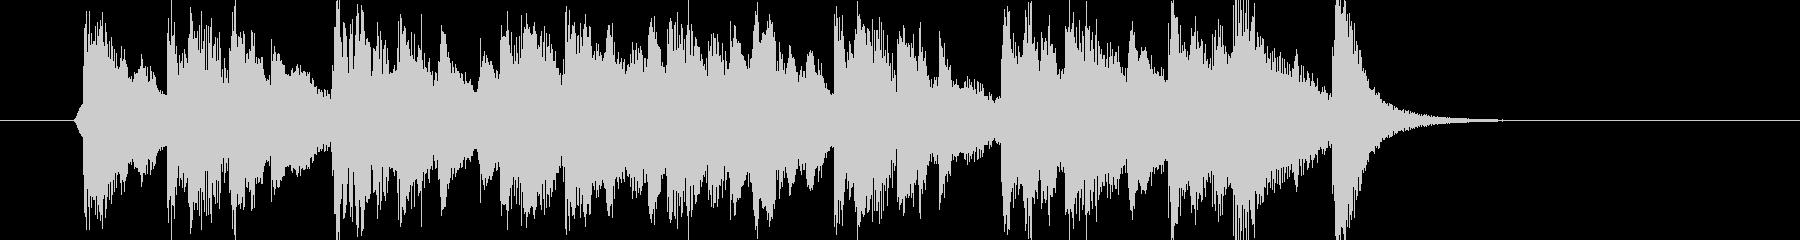 ラジオ風ジングル(1)の未再生の波形